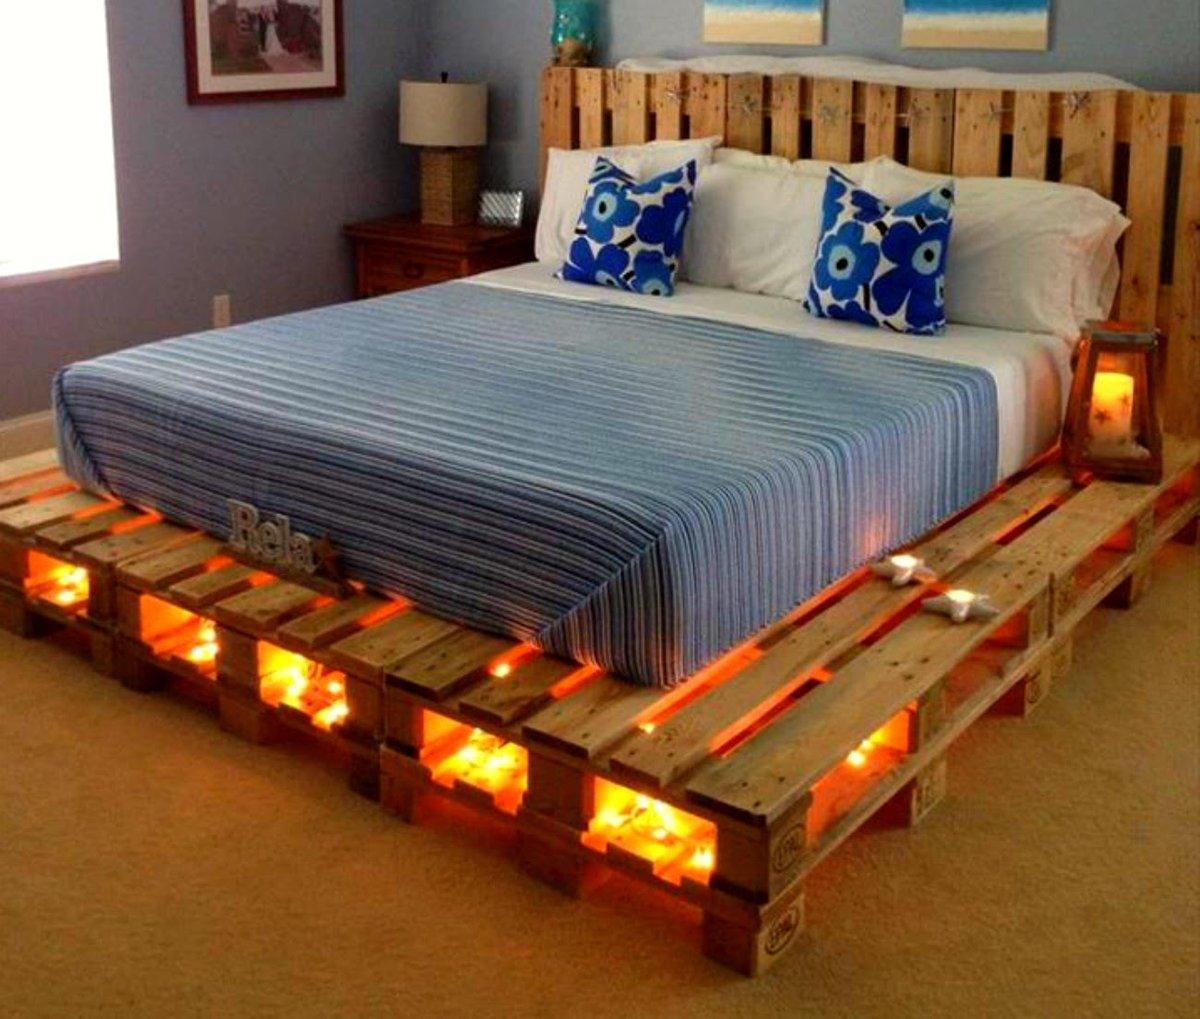 Кровать из поддонов двухспальная с подсветкой желтой